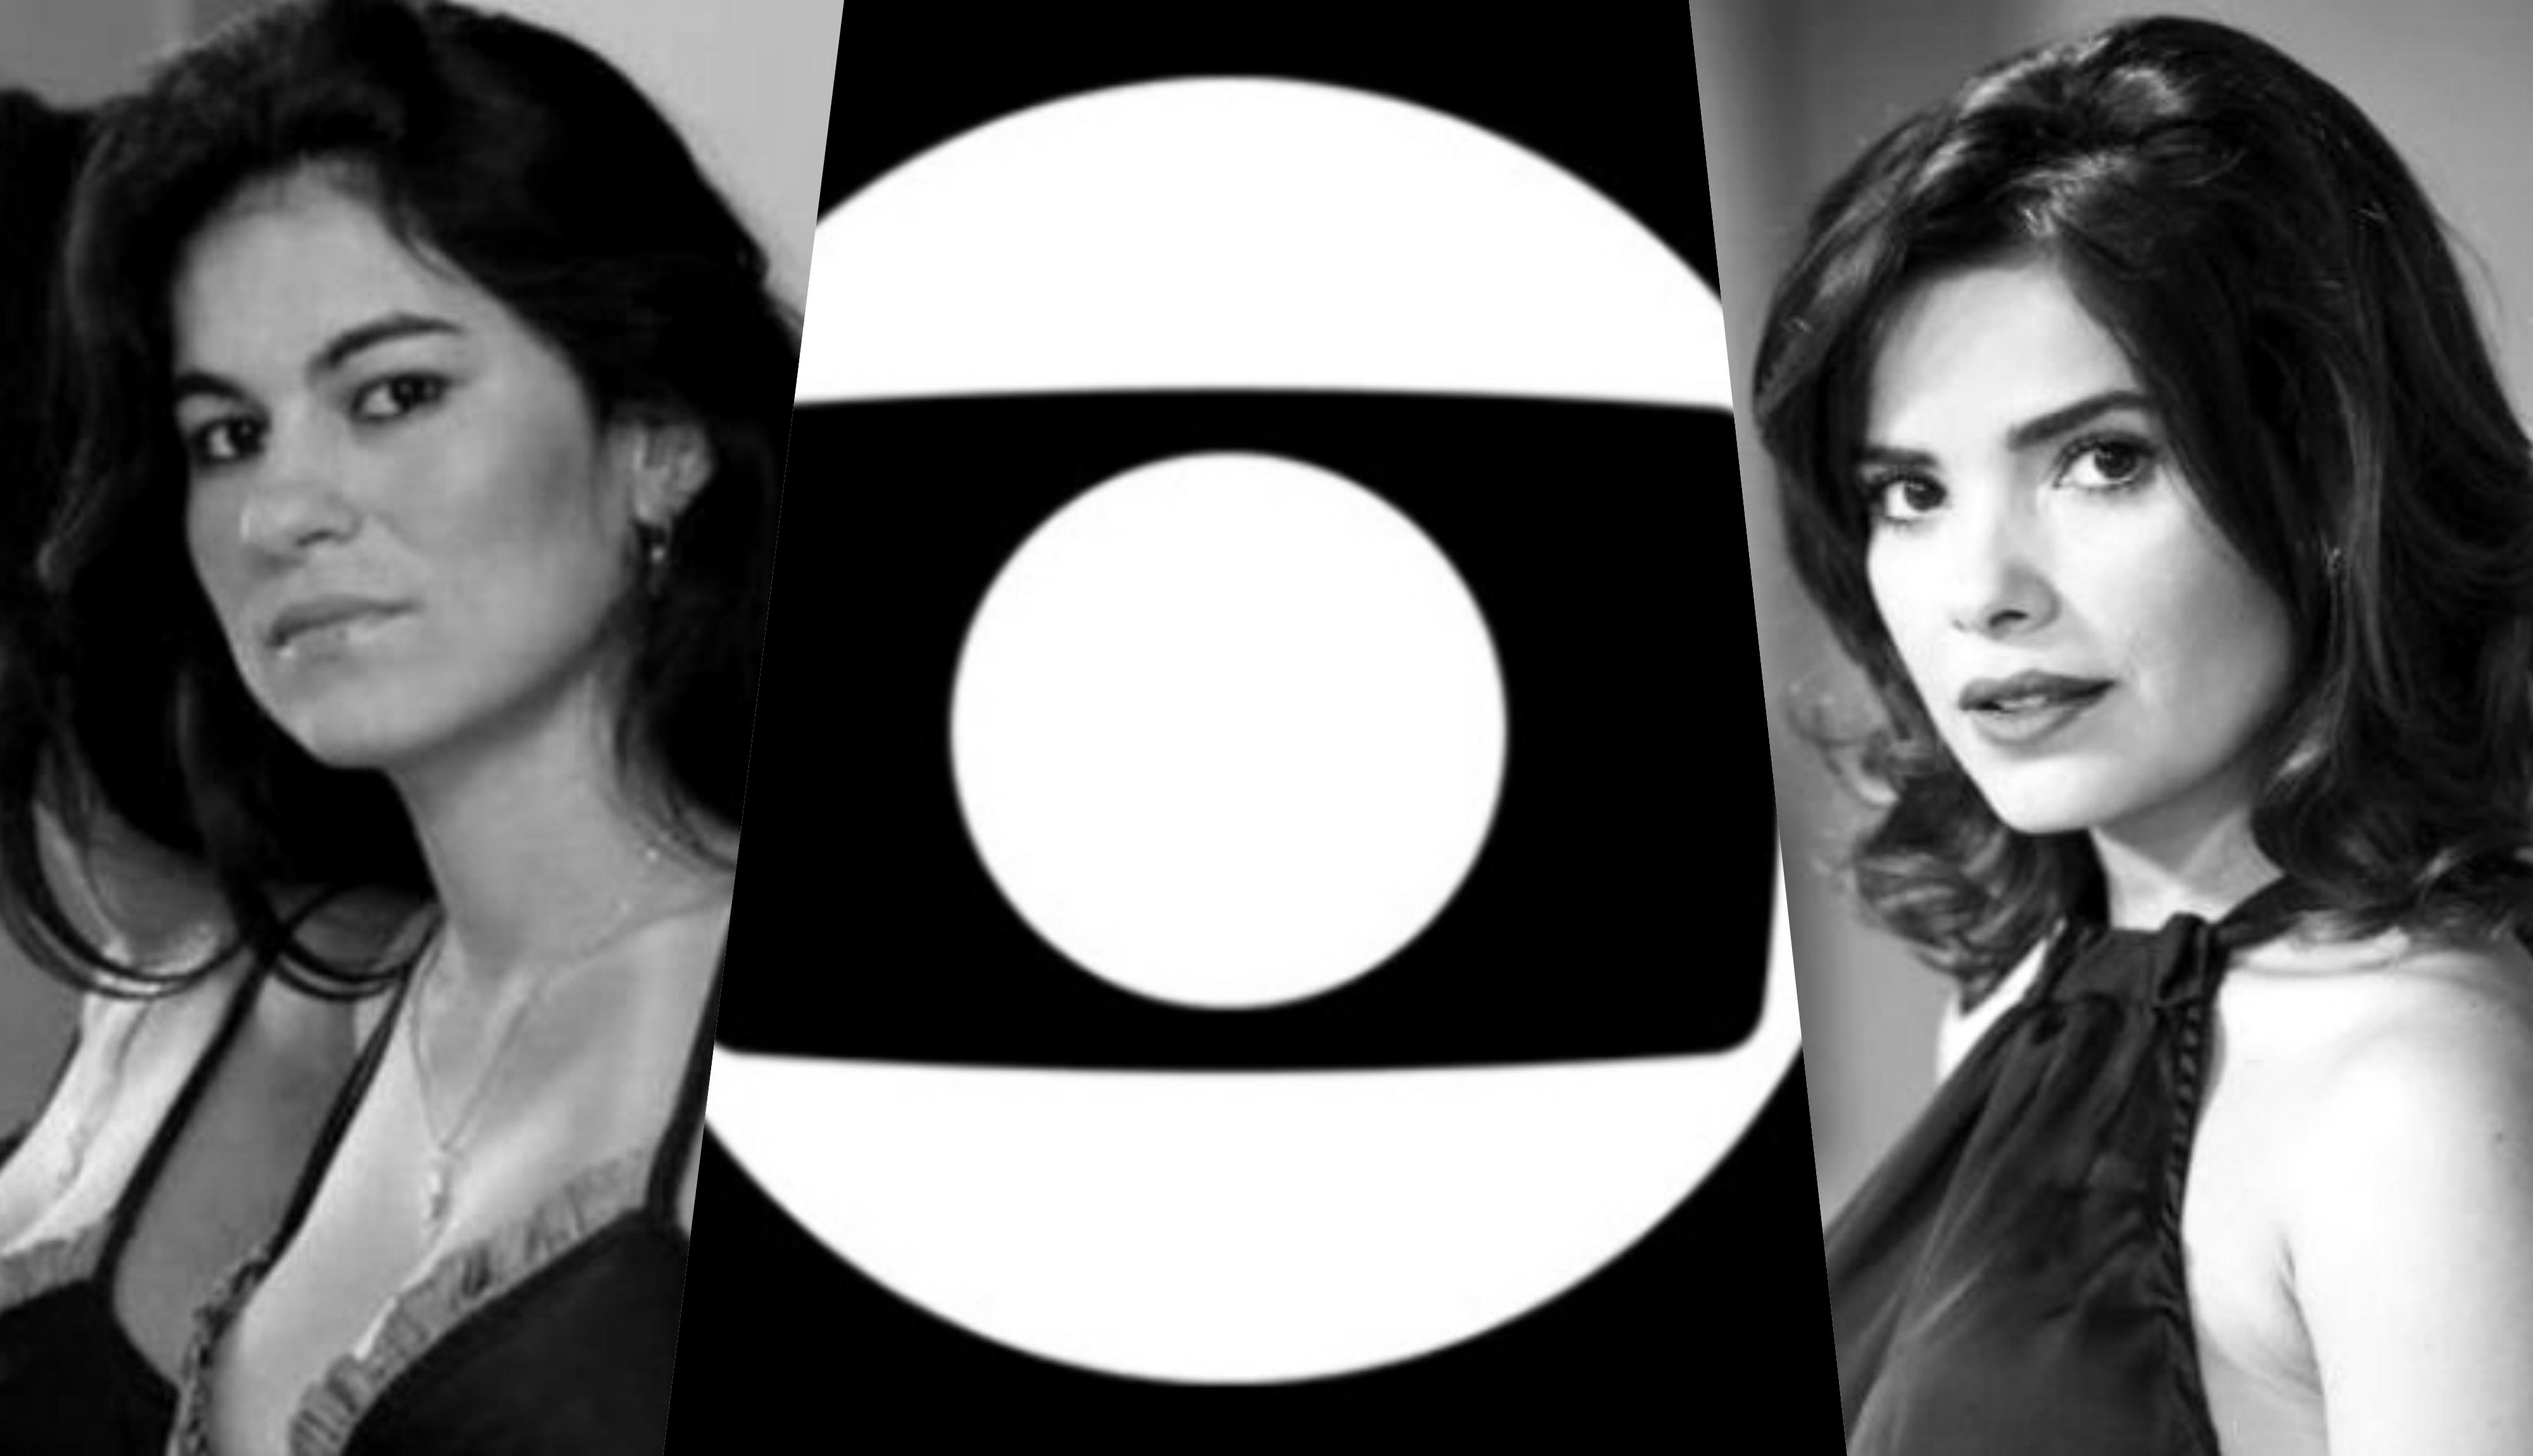 Vanessa Giácomo interpretará Eliza Samúdio na novela série da Globo insperada no assassinato da modelo (Foto: Montagem TV Foco)